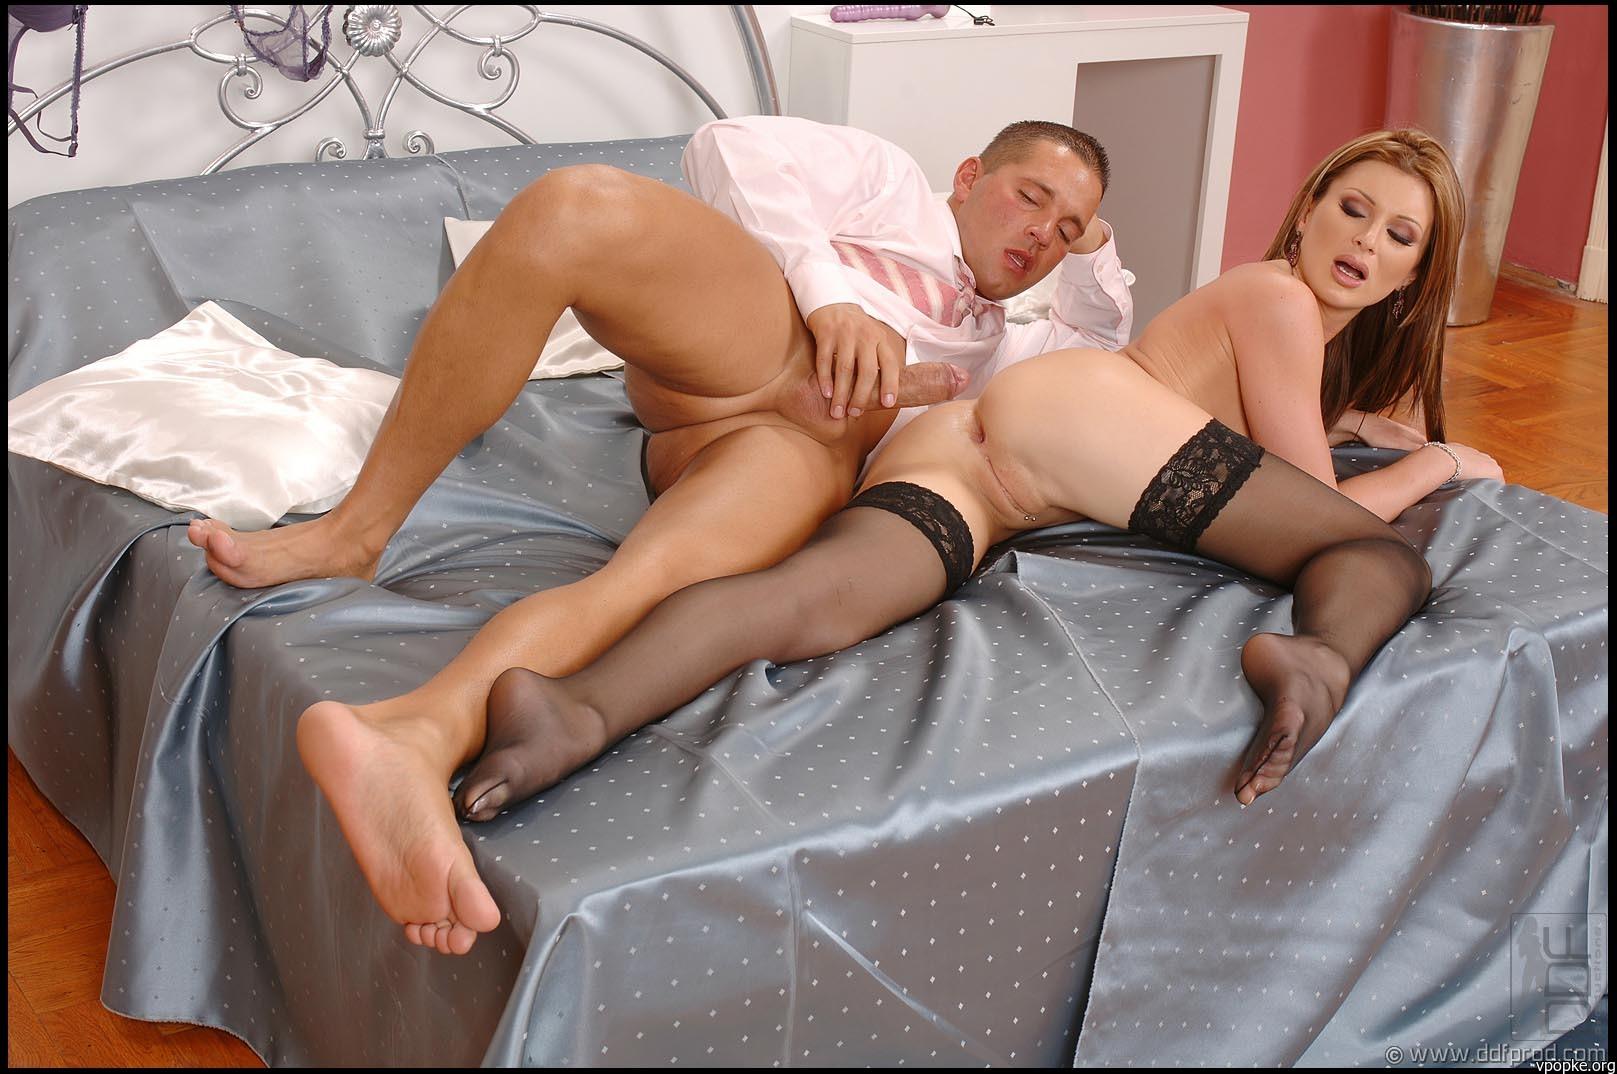 Смотреть букины порно, Порно видео Света Букина порно скачать и смотреть 22 фотография